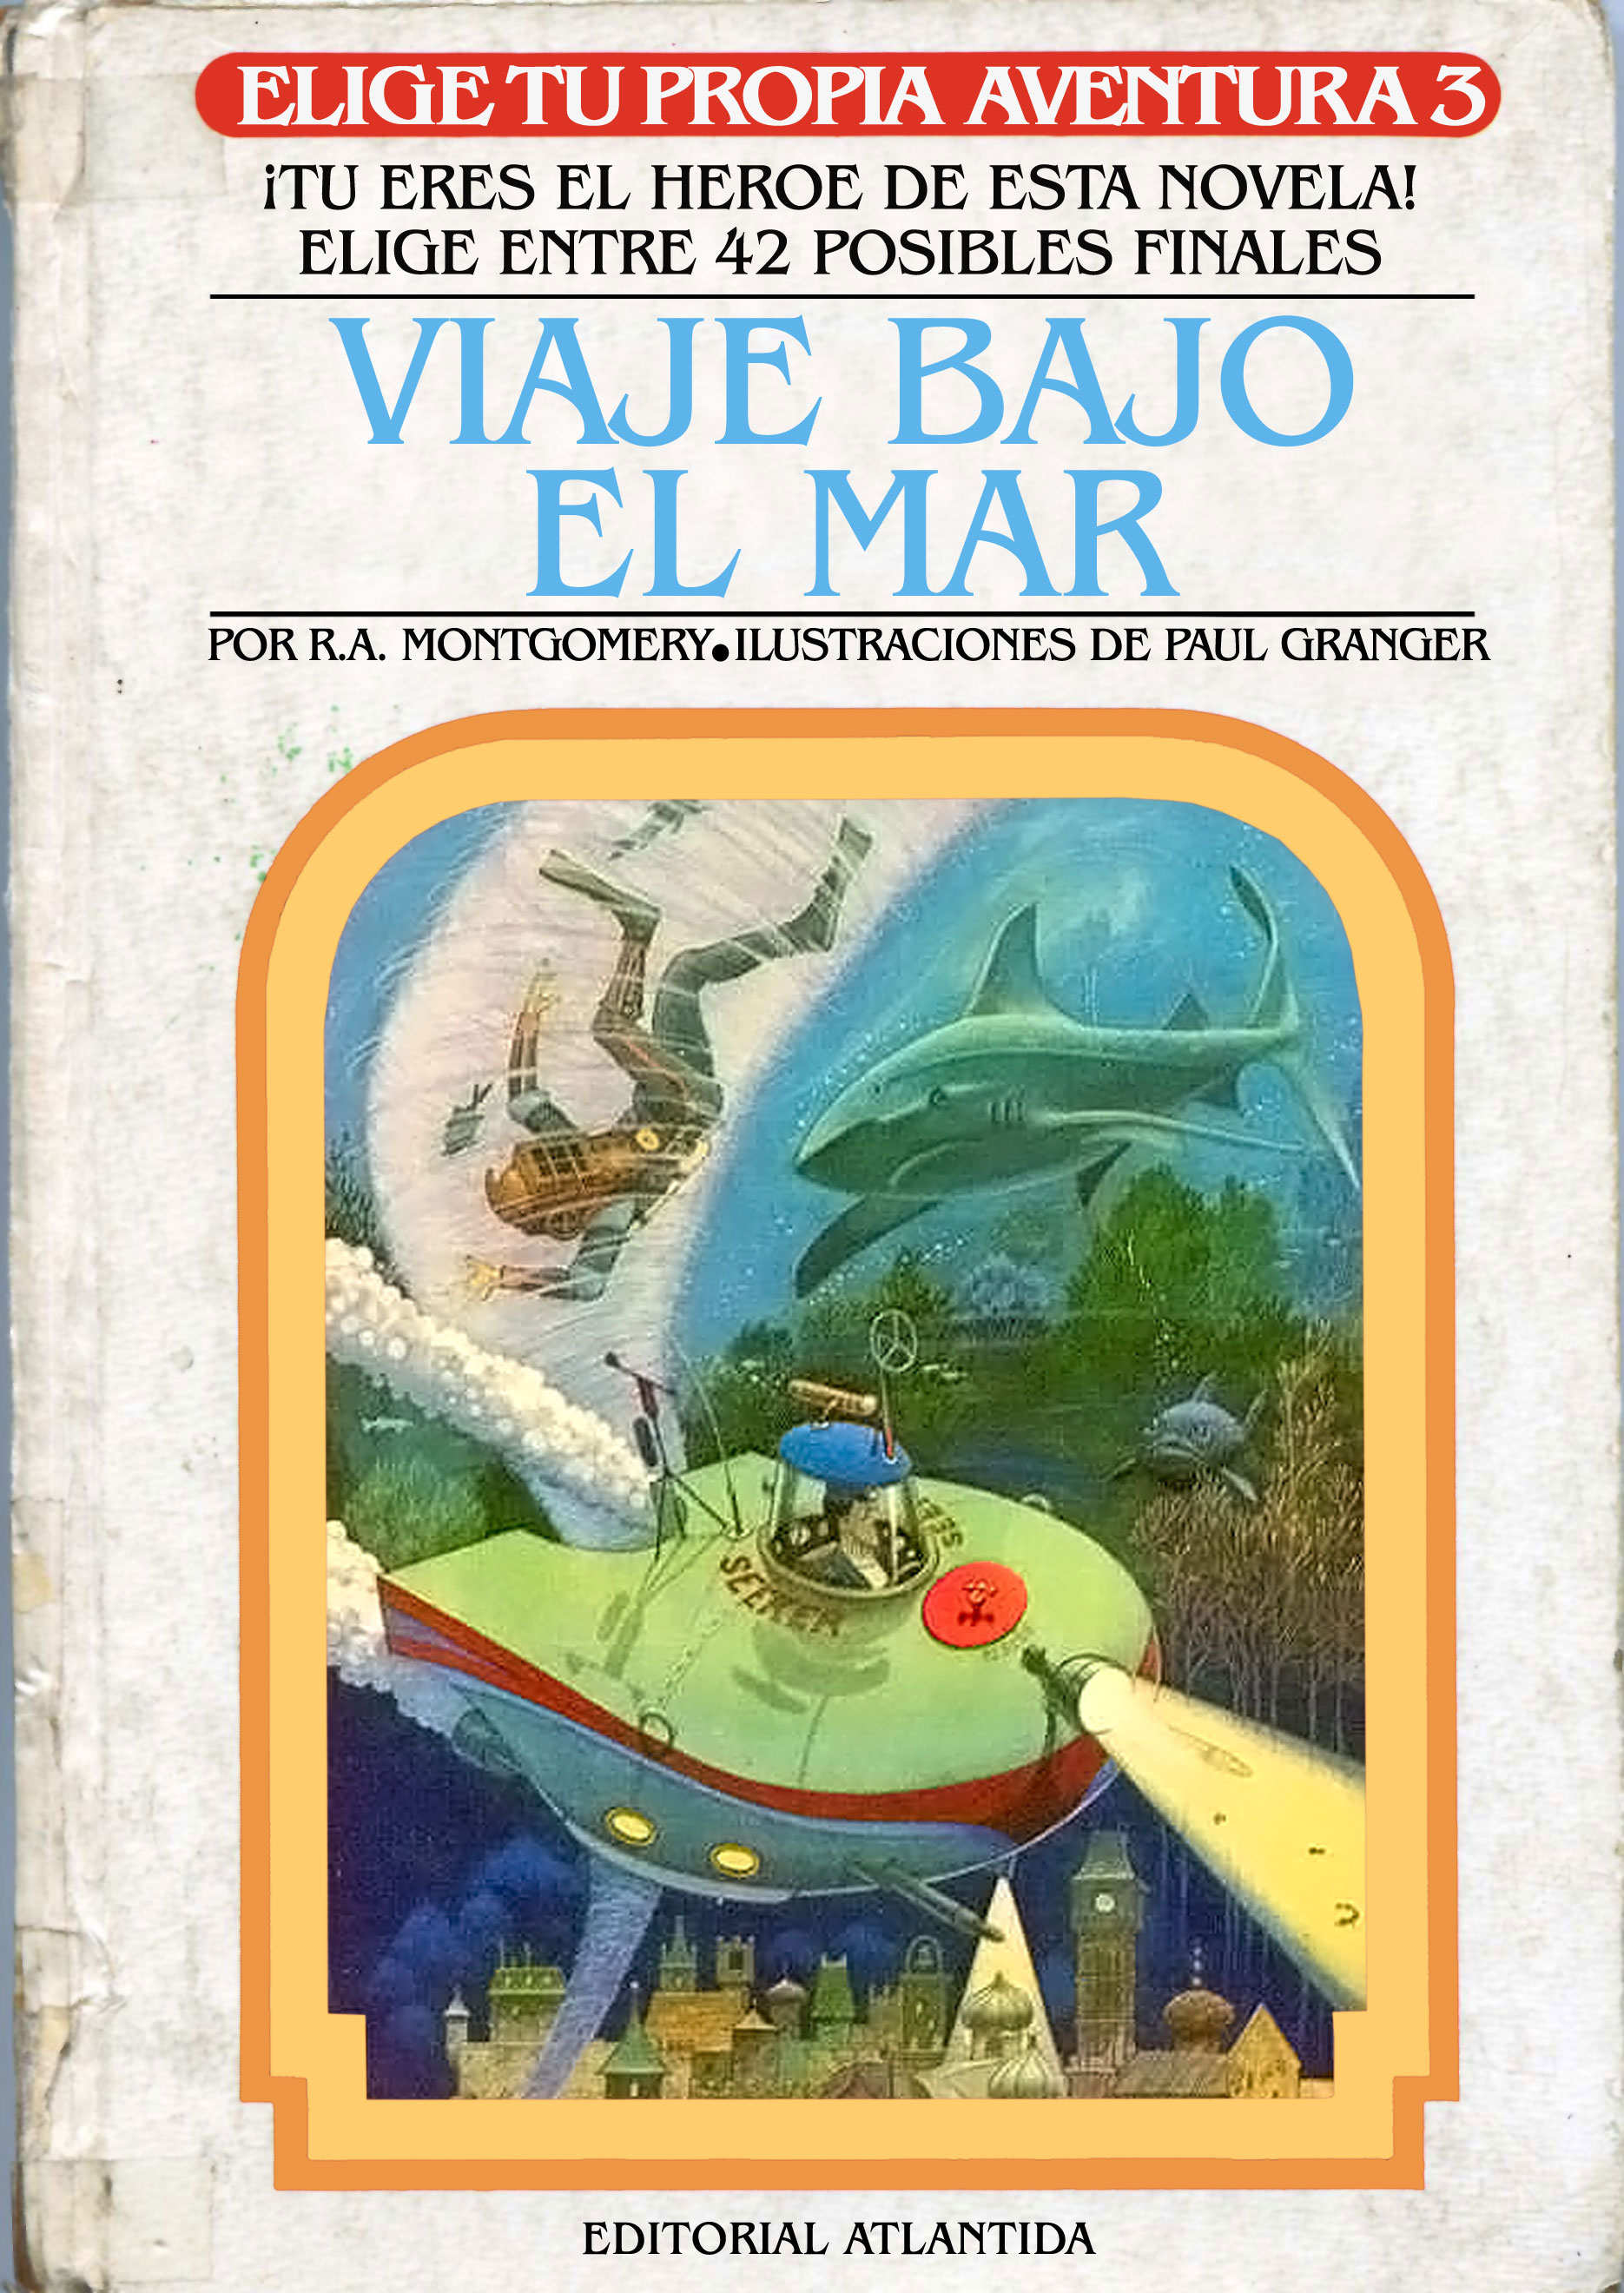 Elige tu propia aventura (1983-1998, Argentina) edition